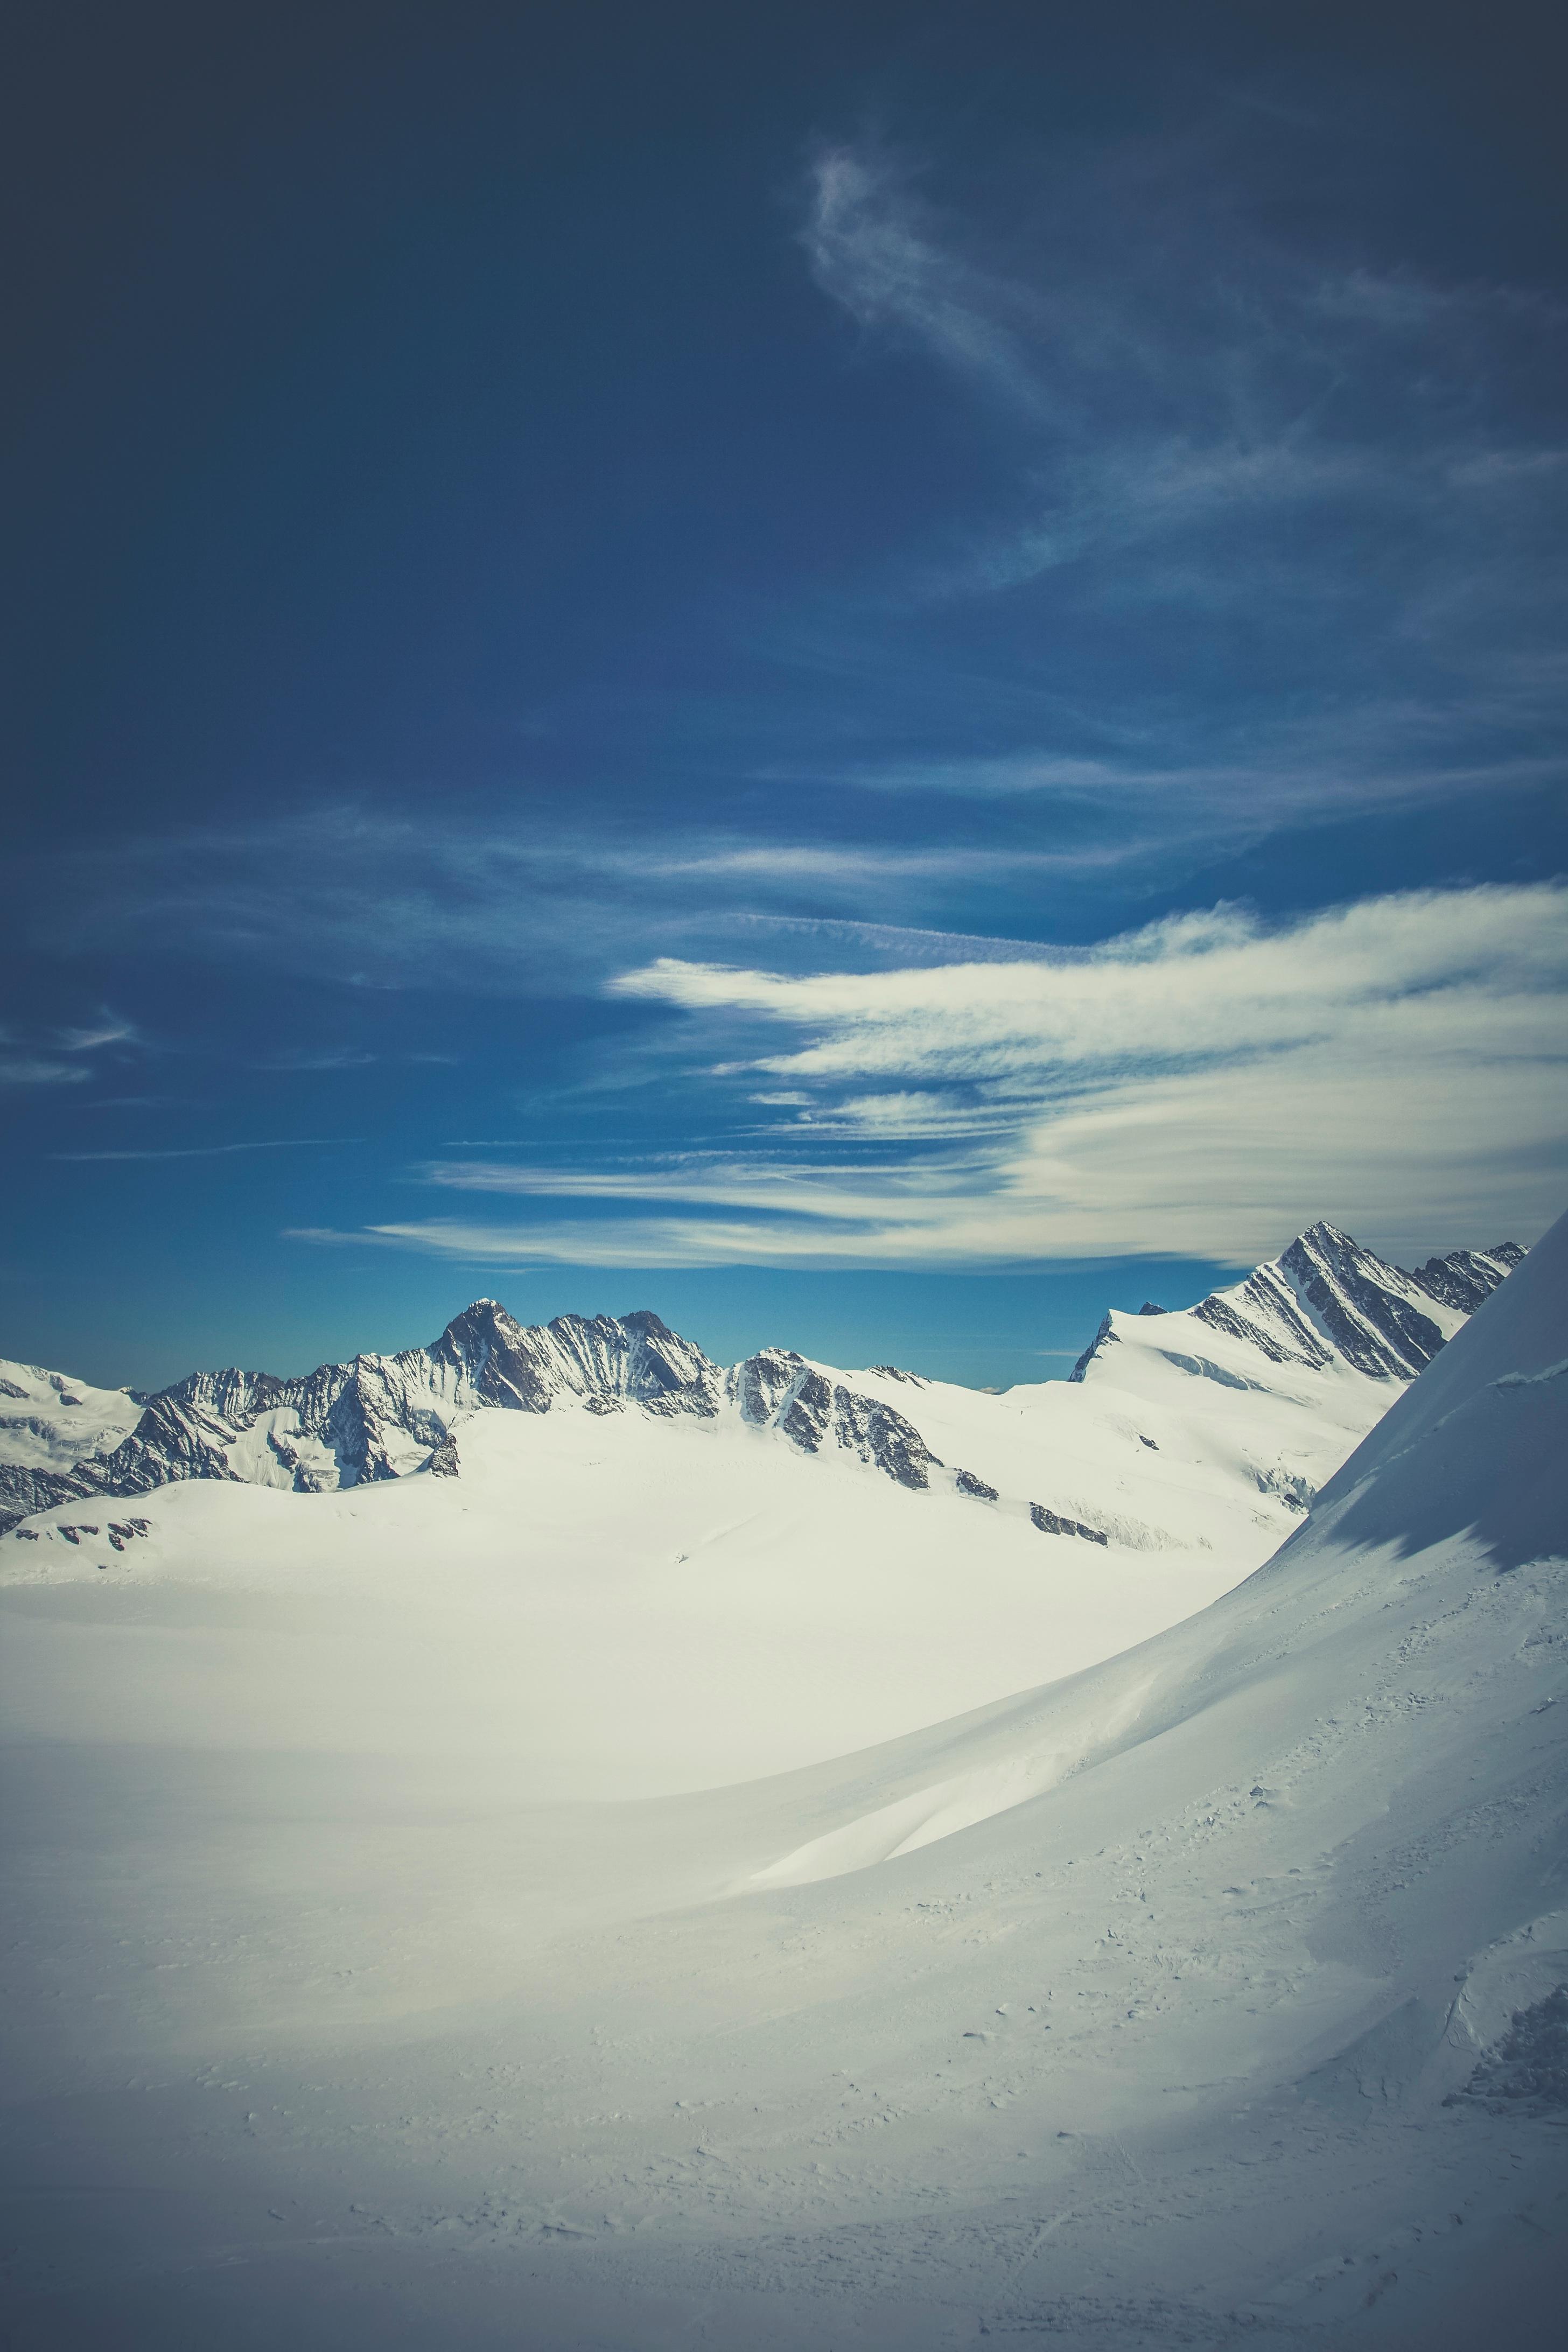 Hình Ảnh : Đá, Đường Chân Trời, Tuyết, Mùa Đông, Đám Mây, Bầu Trời, Ánh  Sáng Mặt Trời, Đồi Núi, Bình Minh, Không Khí, Cao Điểm, Dãy Núi, Thời Tiết,  Bắc Cực, ...